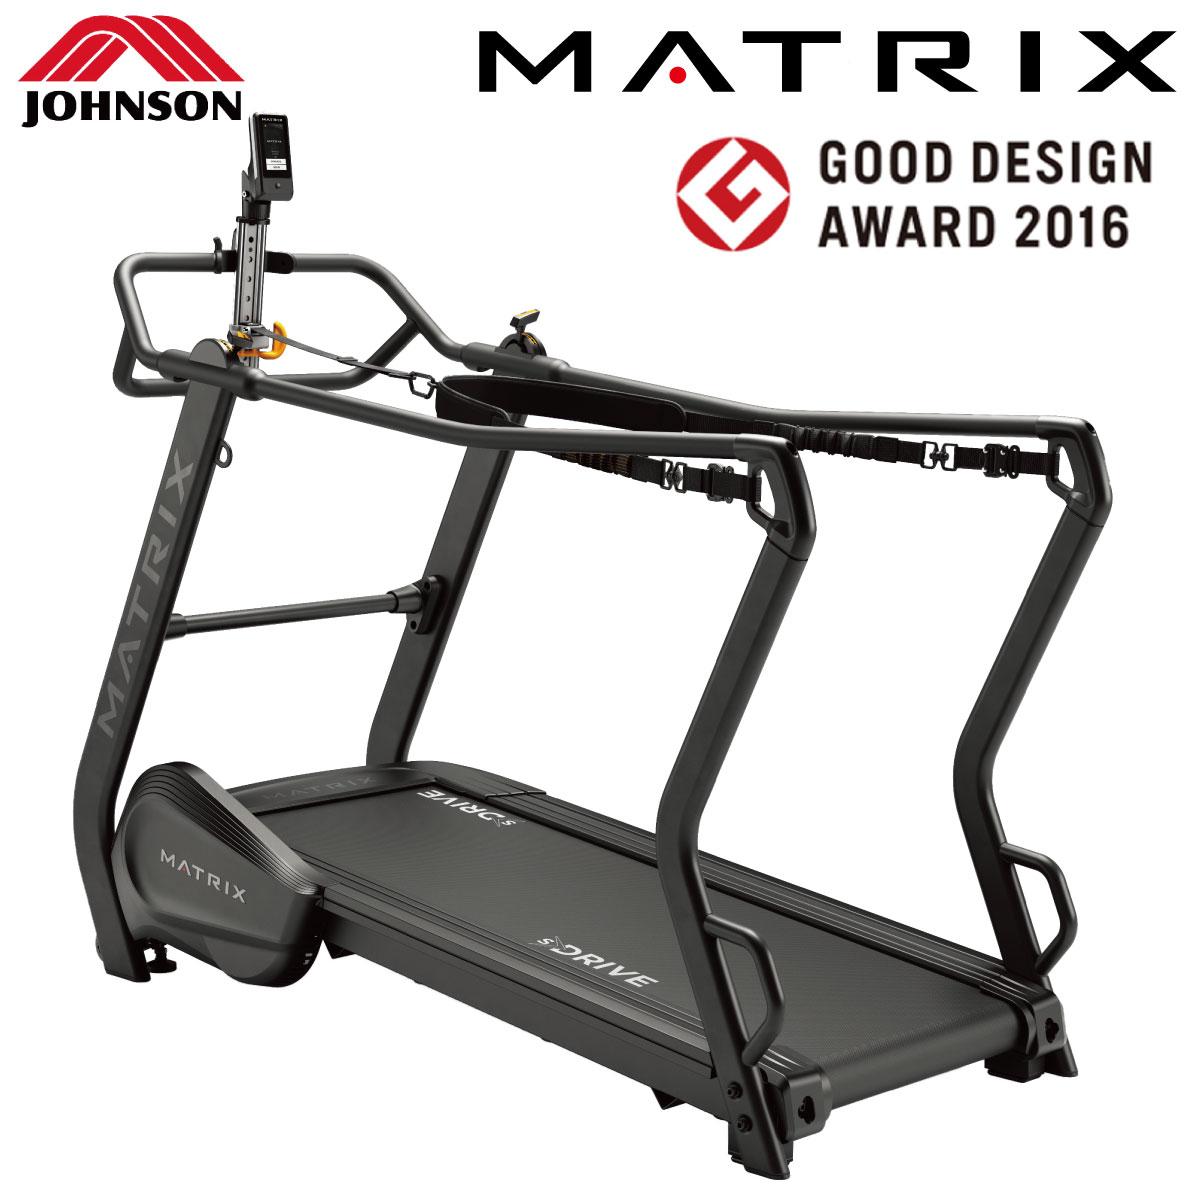 S-Drive Power(S-ドライブ・パワー)/自走式ランニングマシン〈業務用MATRIX〉《ジョンソンヘルステック》